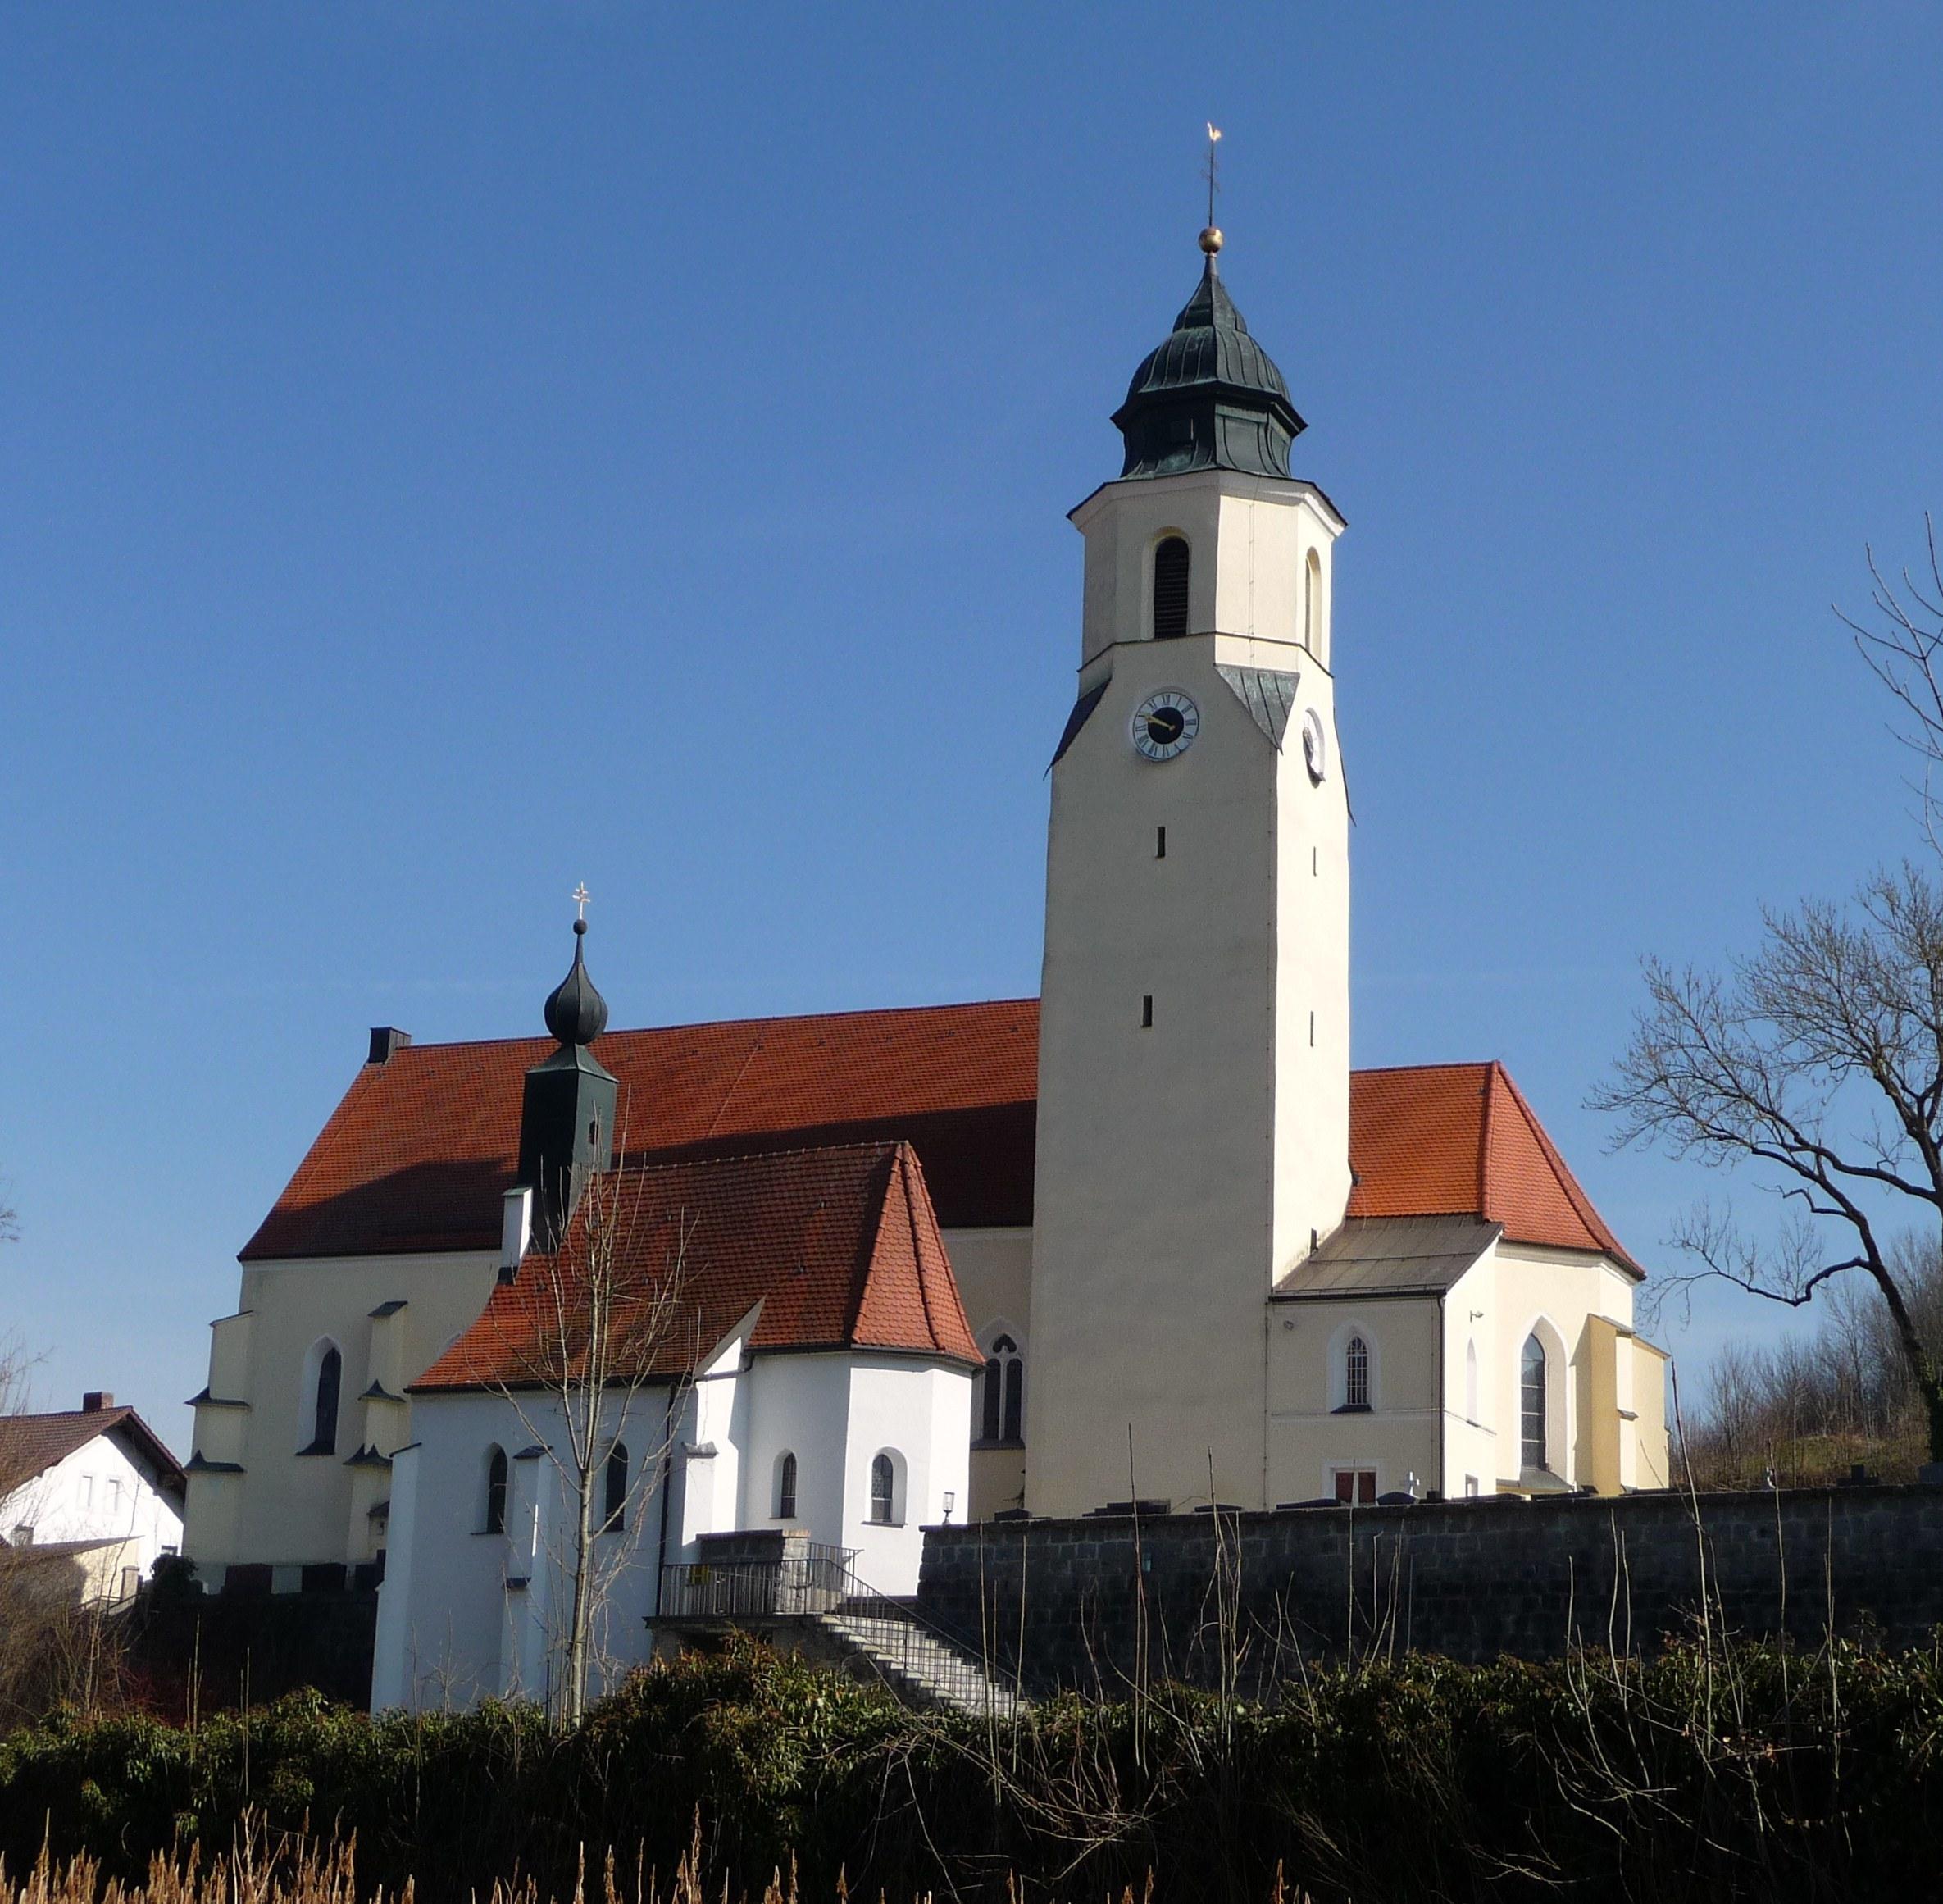 Pfarrkirche Engertsham